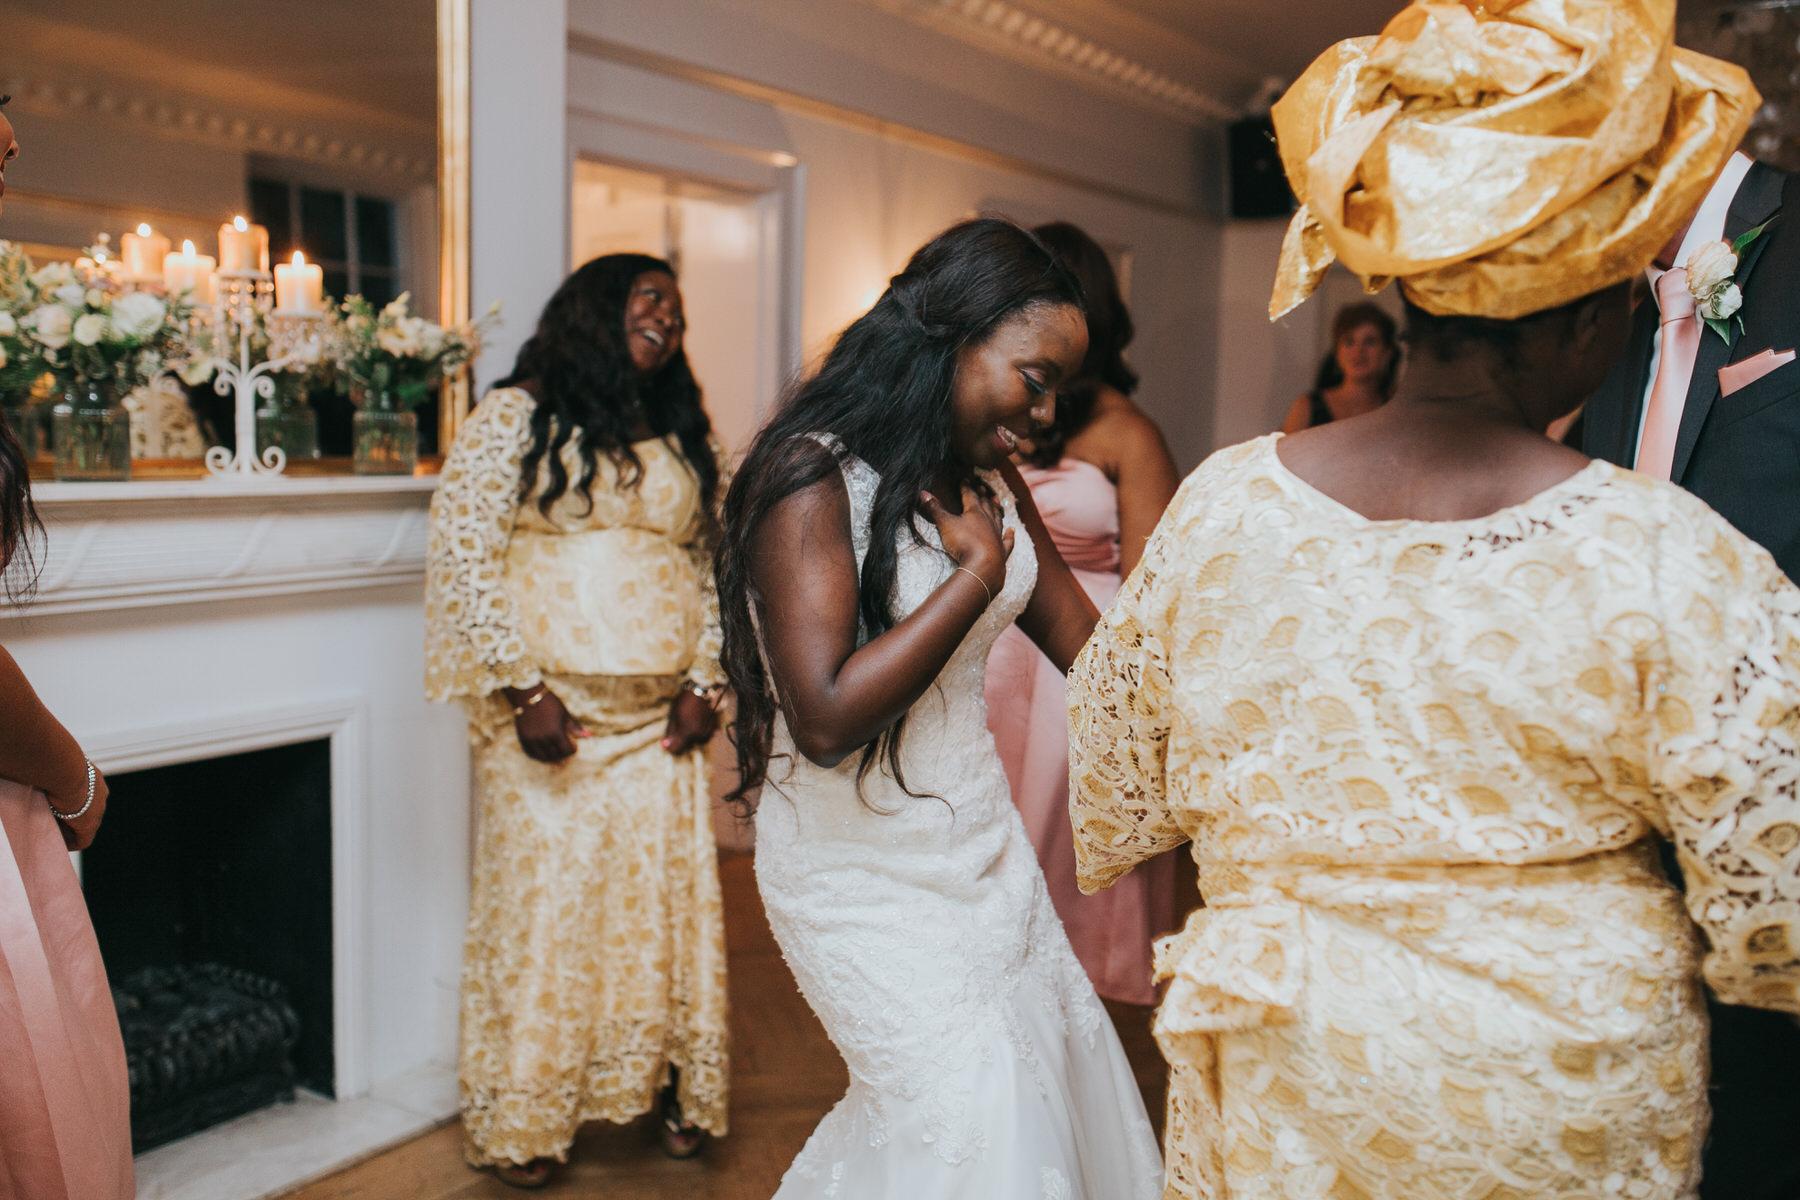 319-Belair House wedding first dance photos.jpg